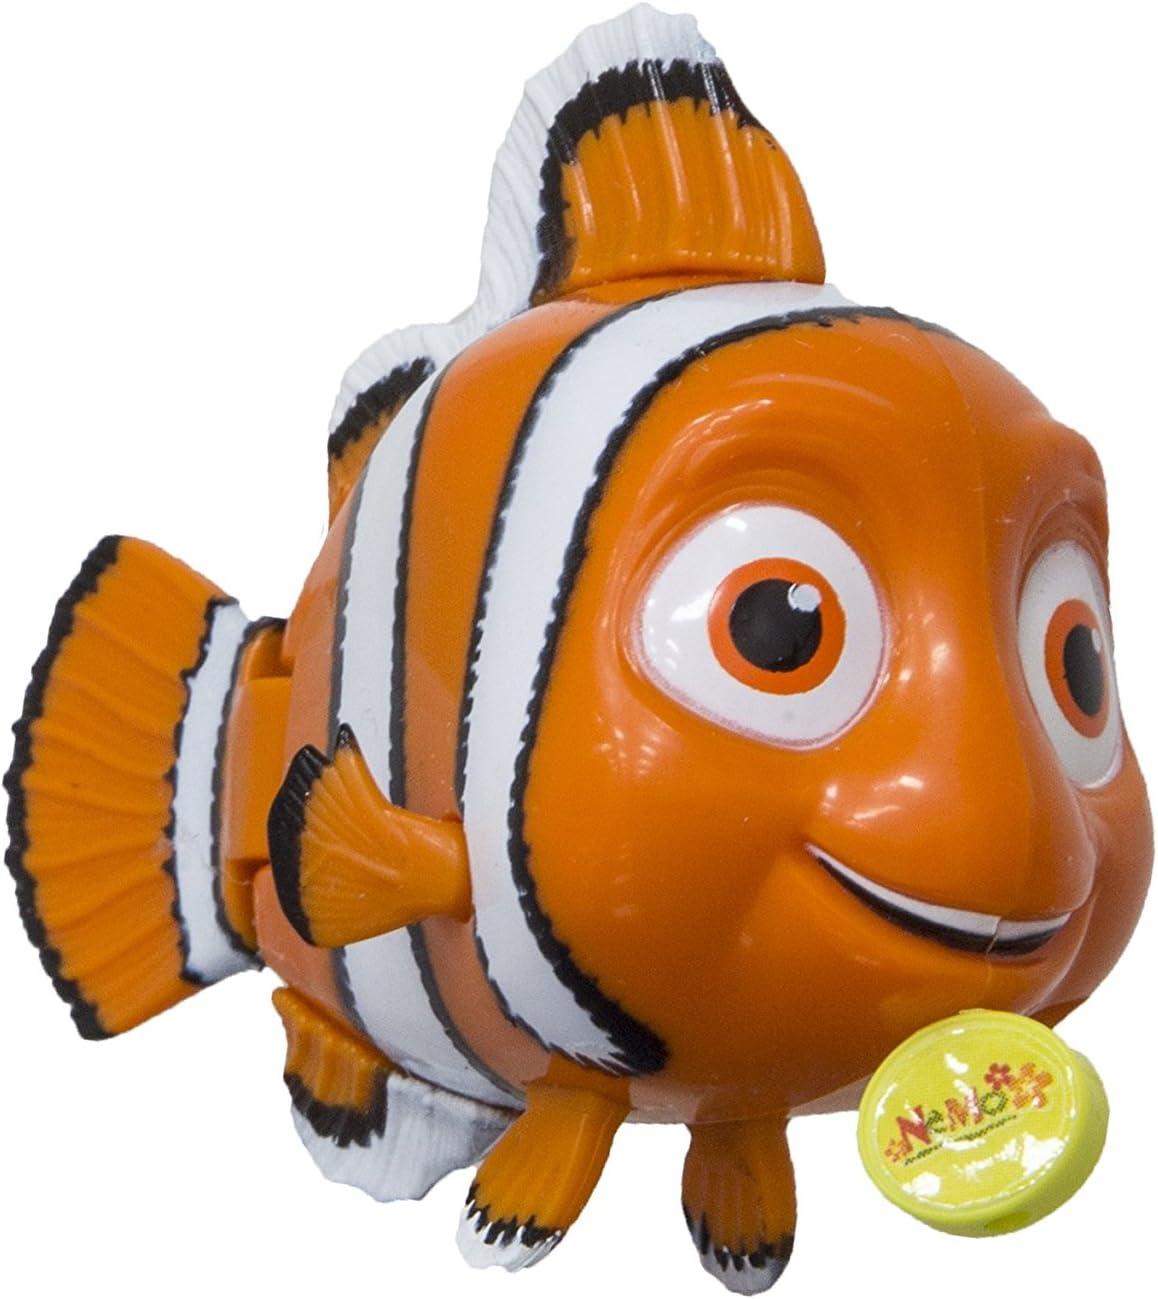 SwimWays Disney Finding Nemo Swimming Mini